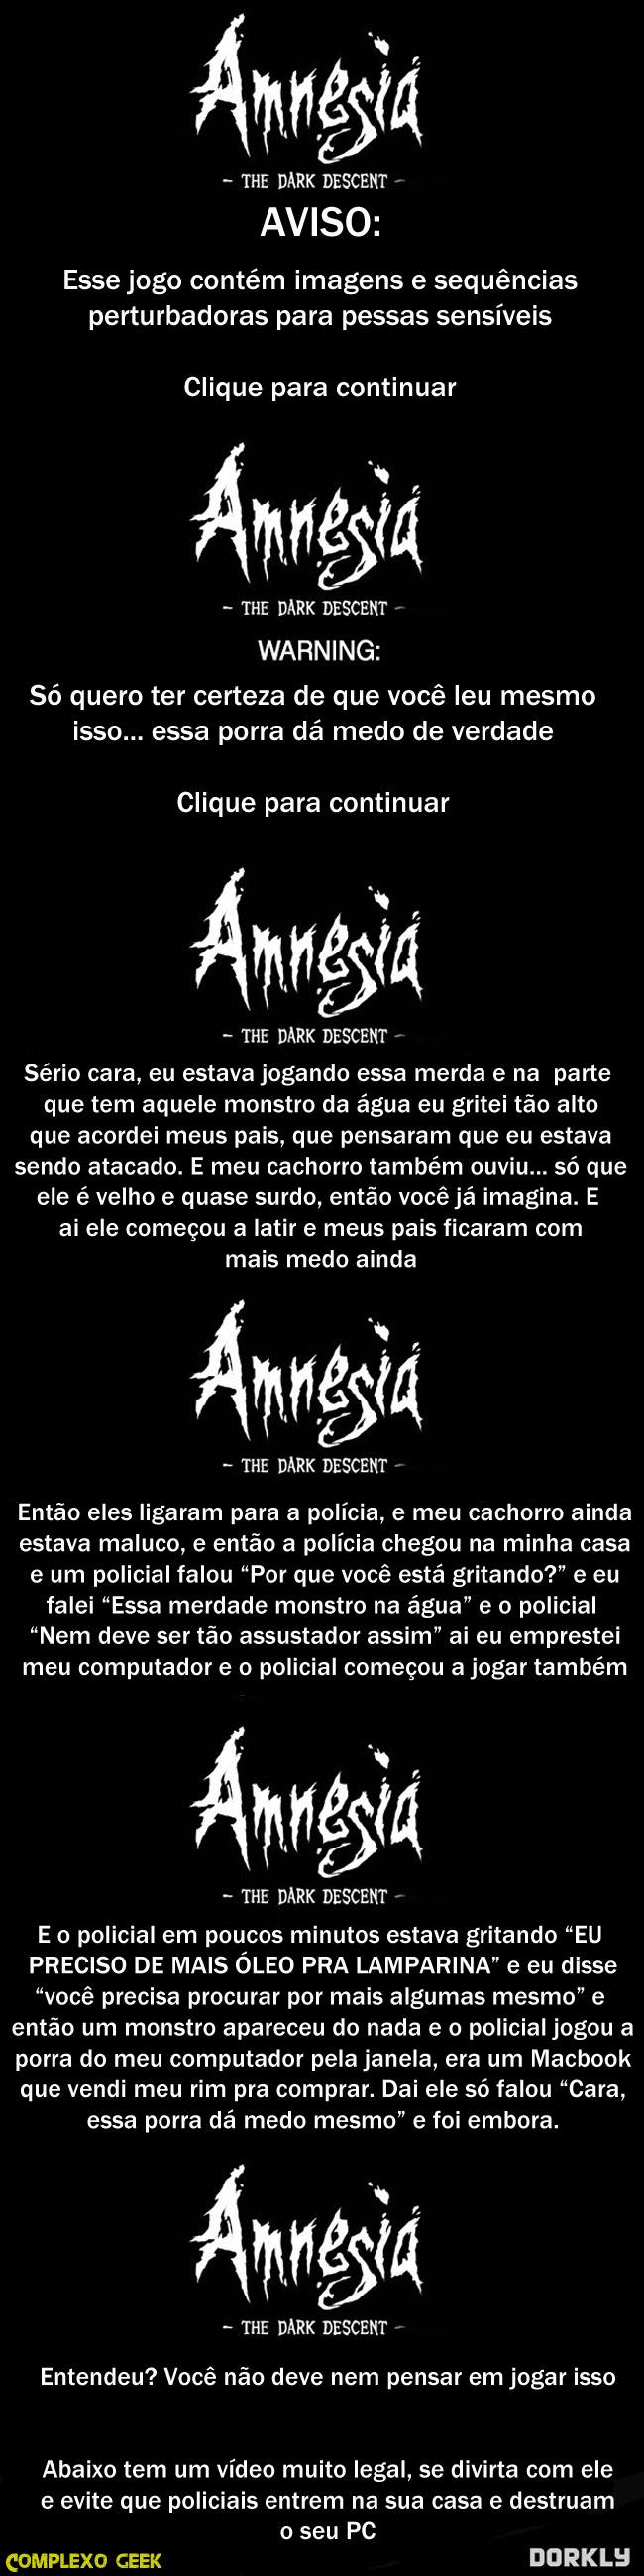 0 a amnesia